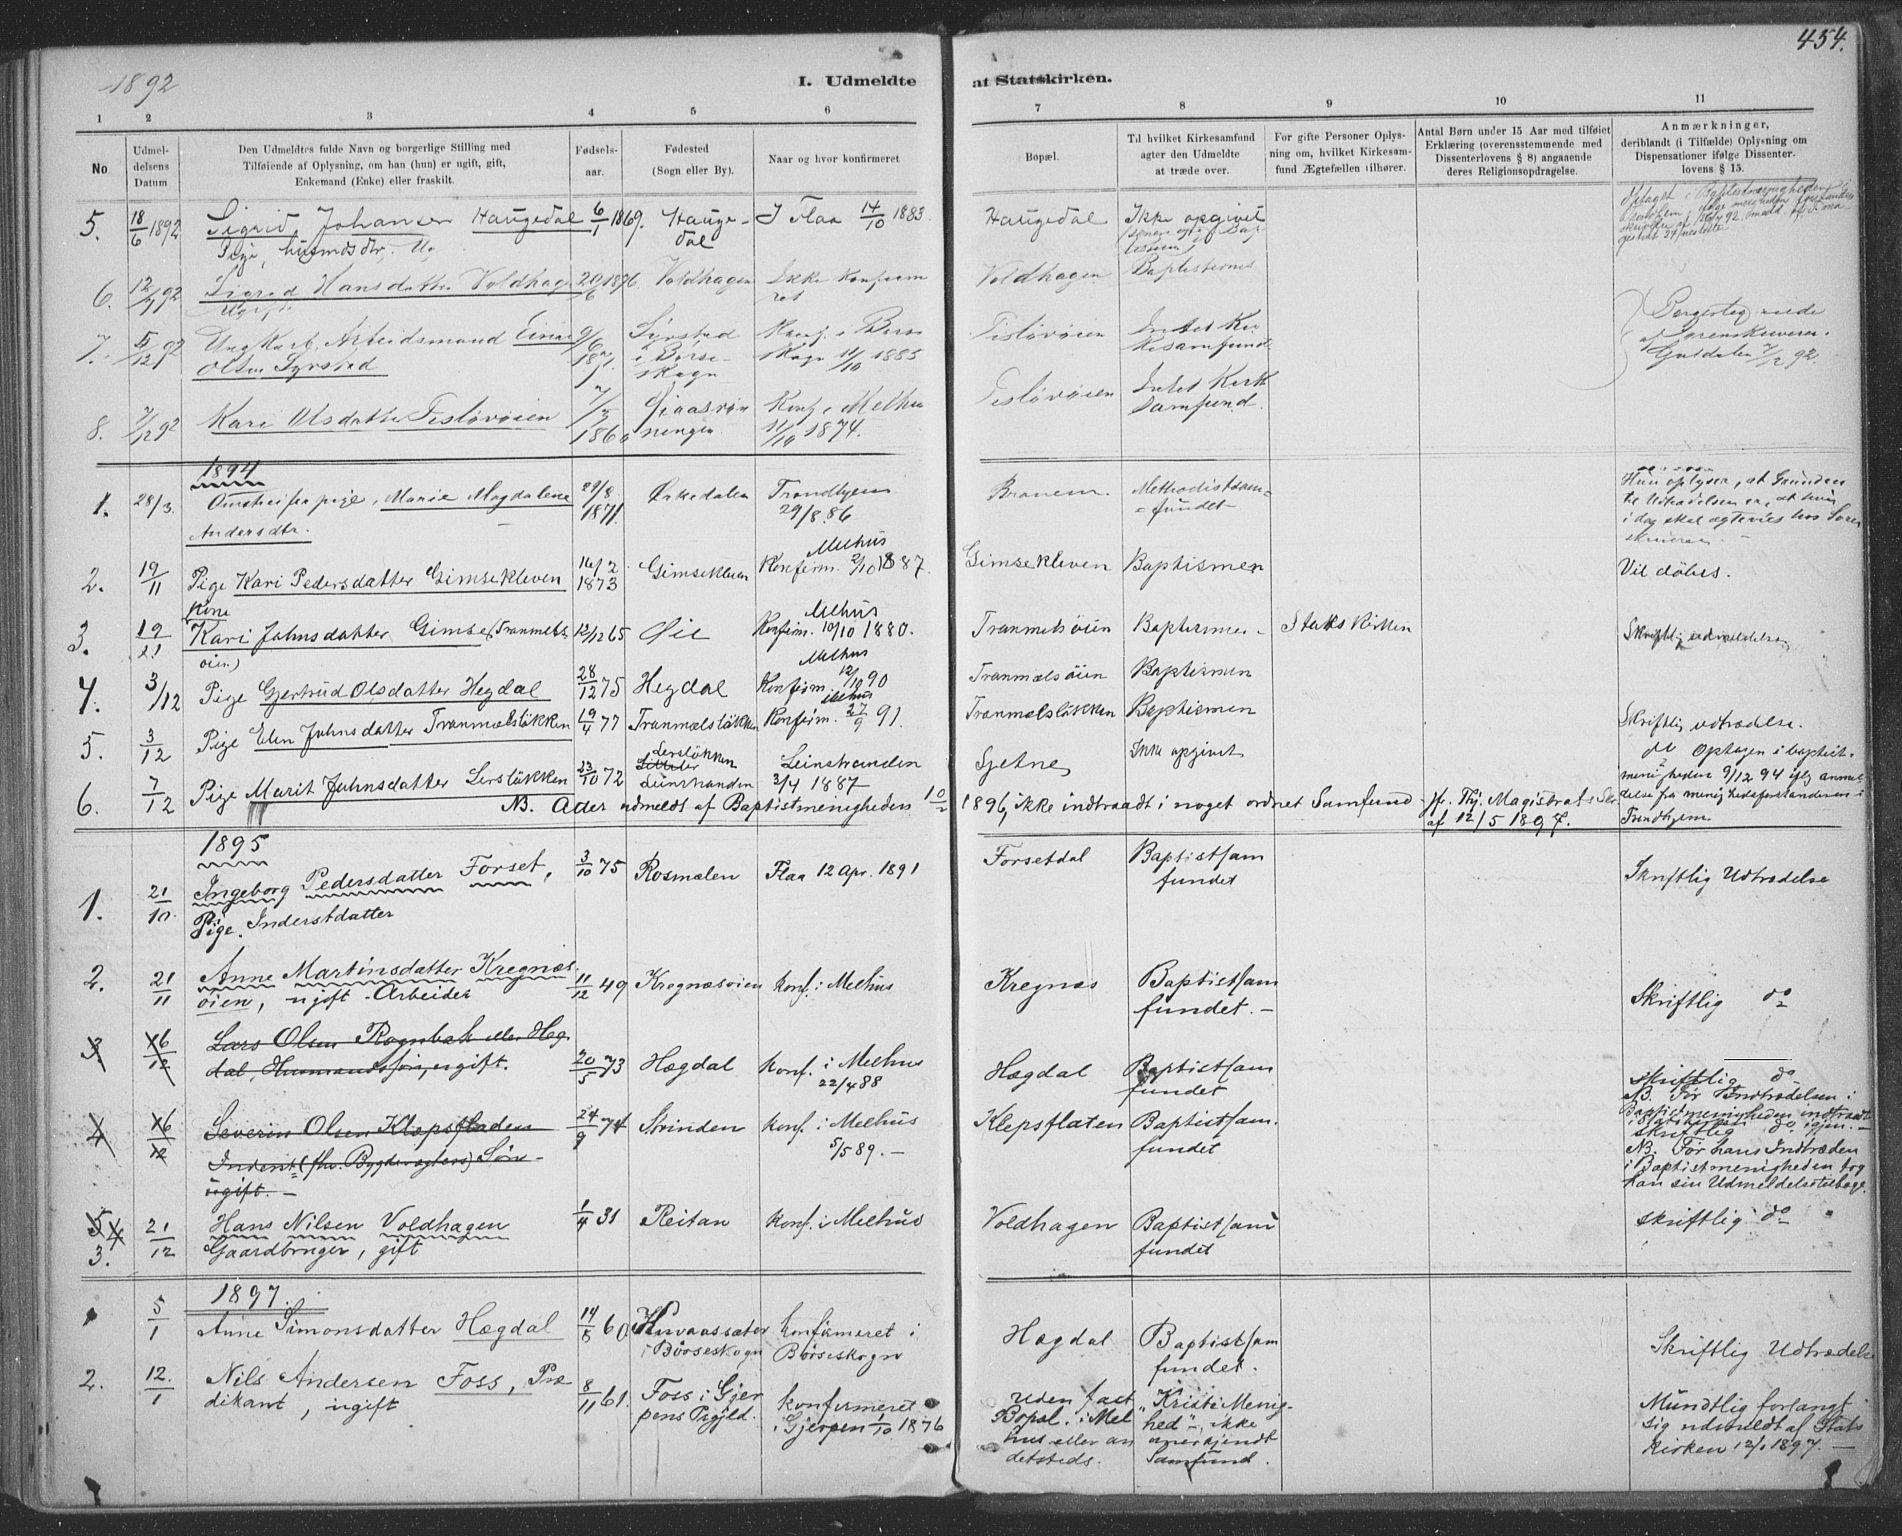 SAT, Ministerialprotokoller, klokkerbøker og fødselsregistre - Sør-Trøndelag, 691/L1085: Ministerialbok nr. 691A17, 1887-1908, s. 454